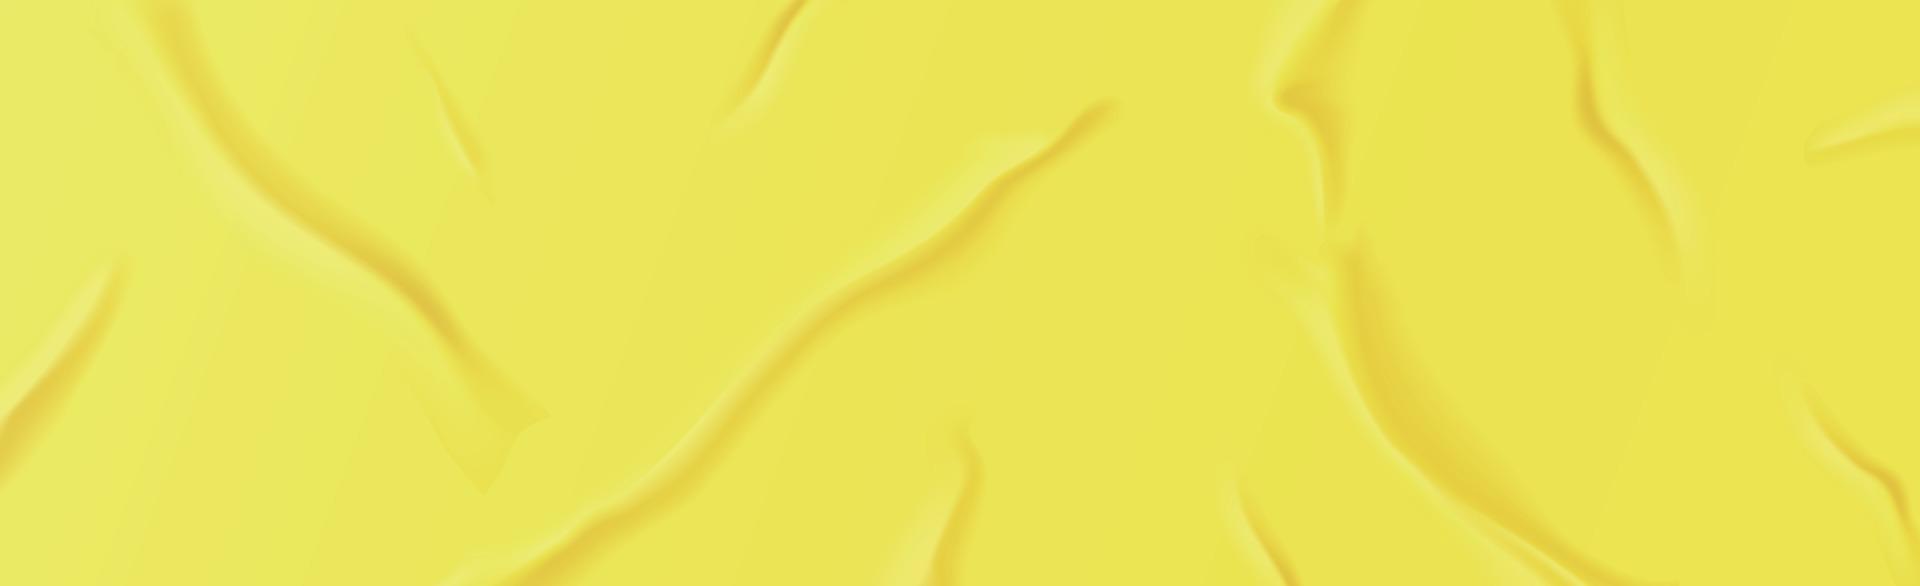 trama di sfondo giallo sgualcito realistico, pieghe - vettore